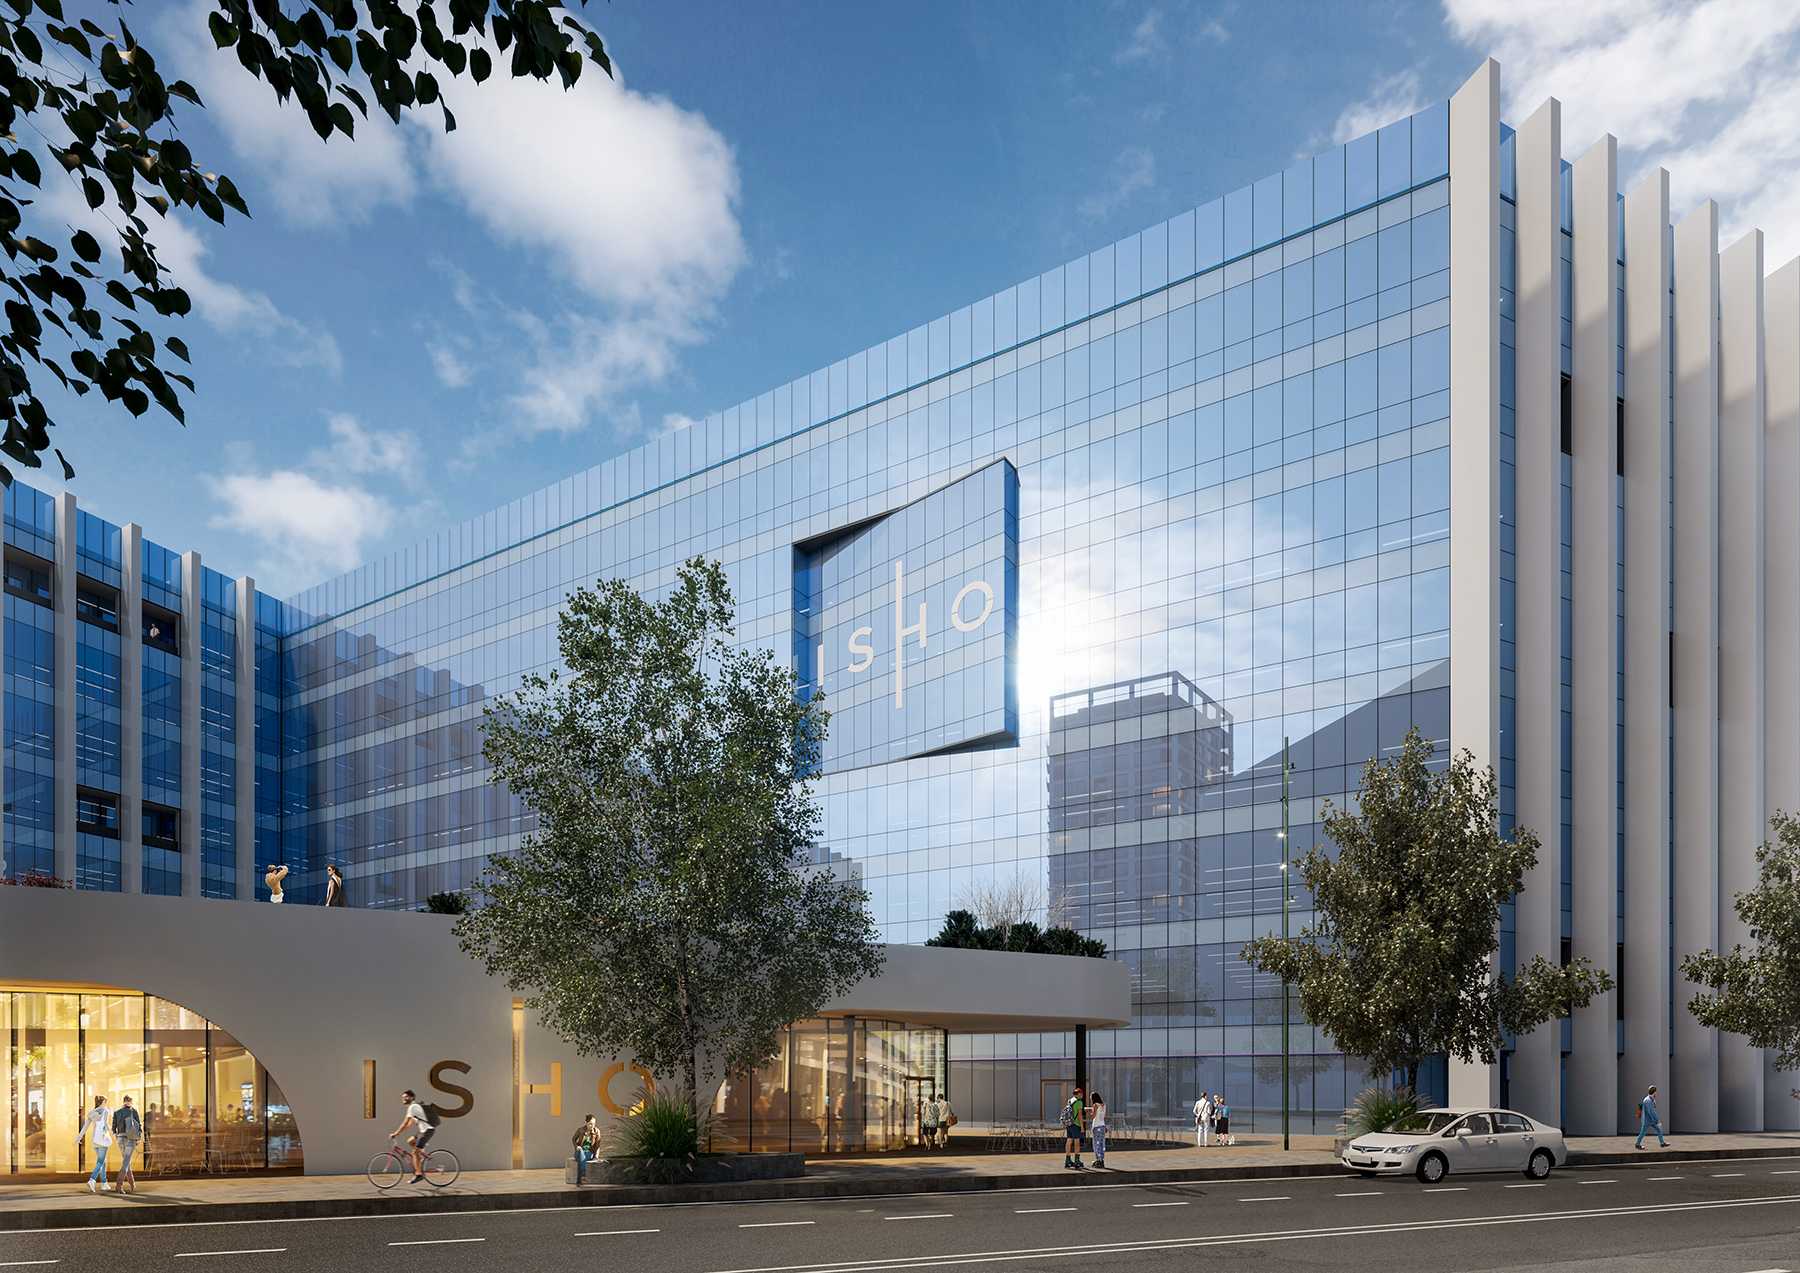 Raiffeisen Bank va deschide o agenție dedicată mediului business în cartierul ISHO din Timisoara